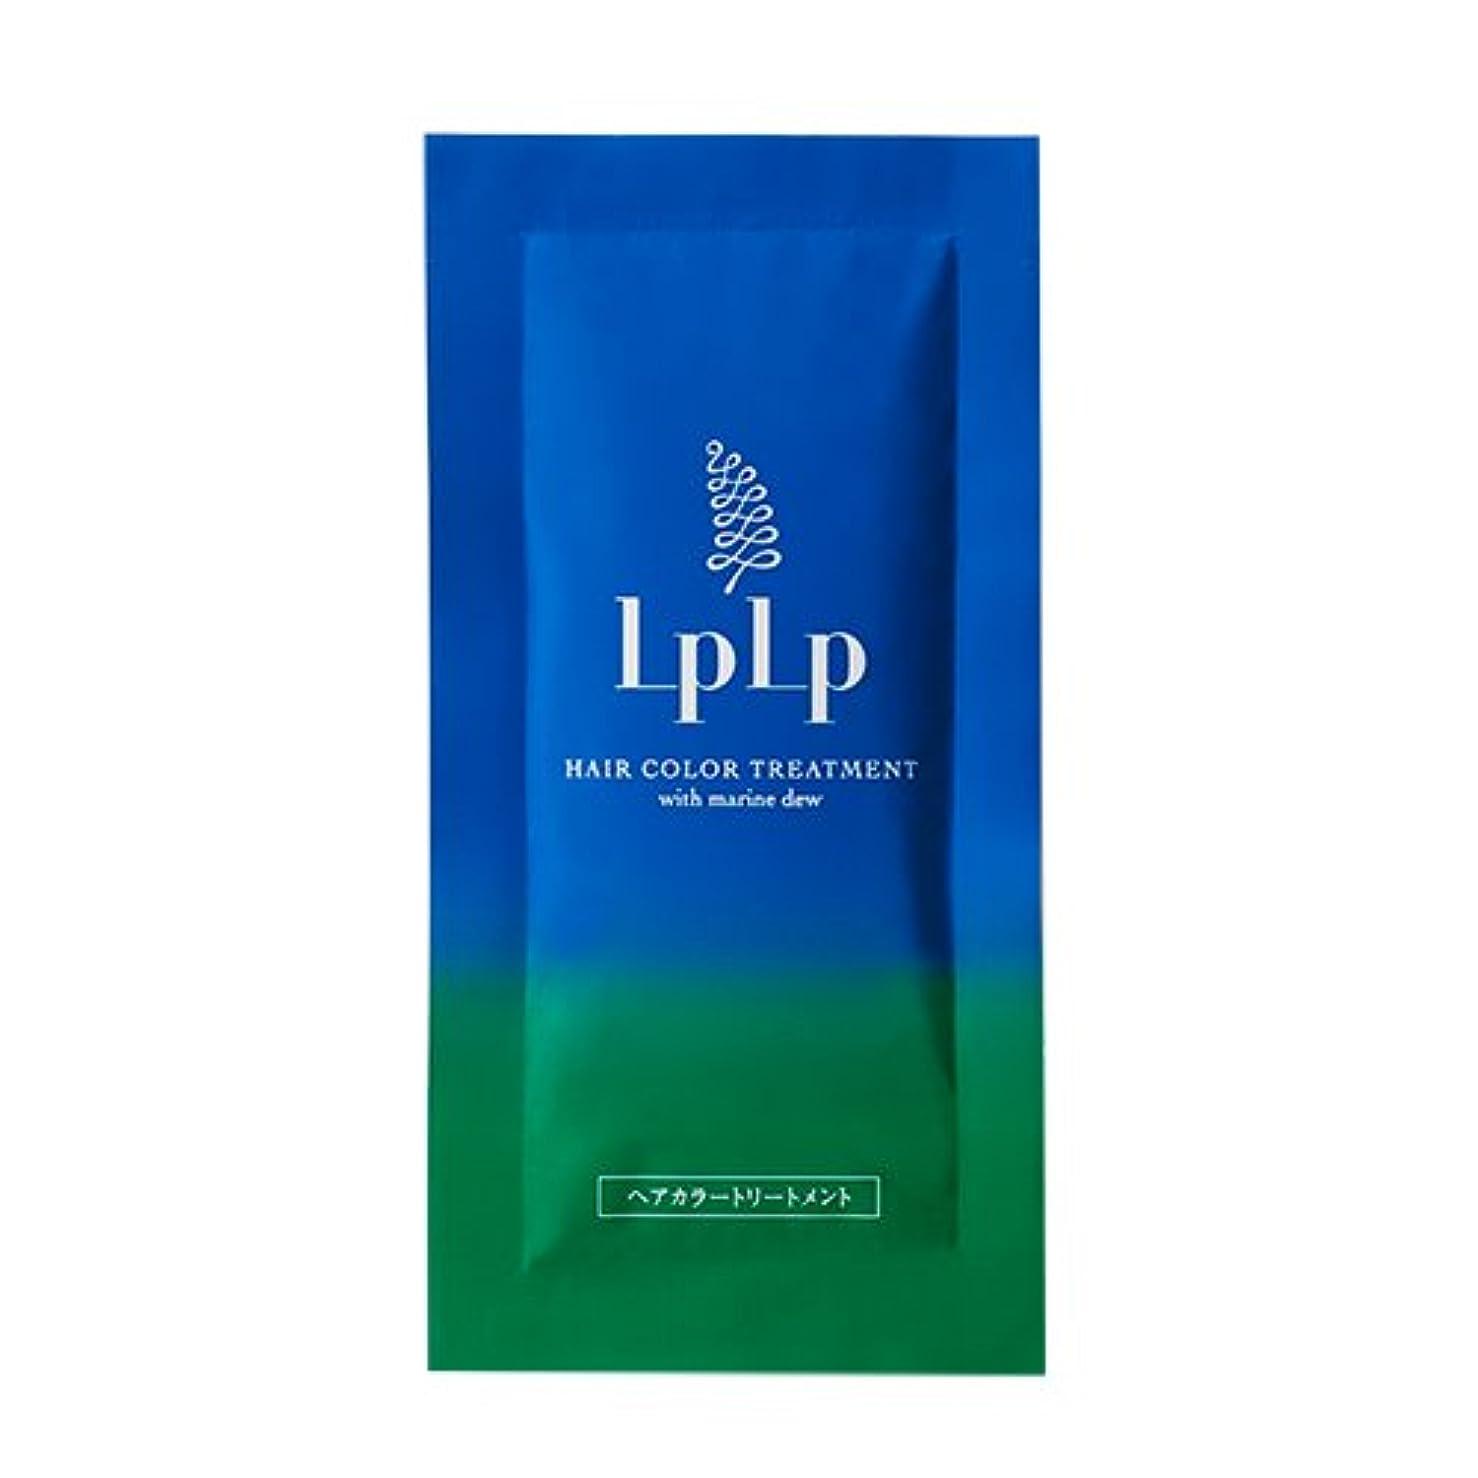 国勢調査普及延ばすLPLP(ルプルプ)ヘアカラートリートメントお試しパウチ ダークブラウン